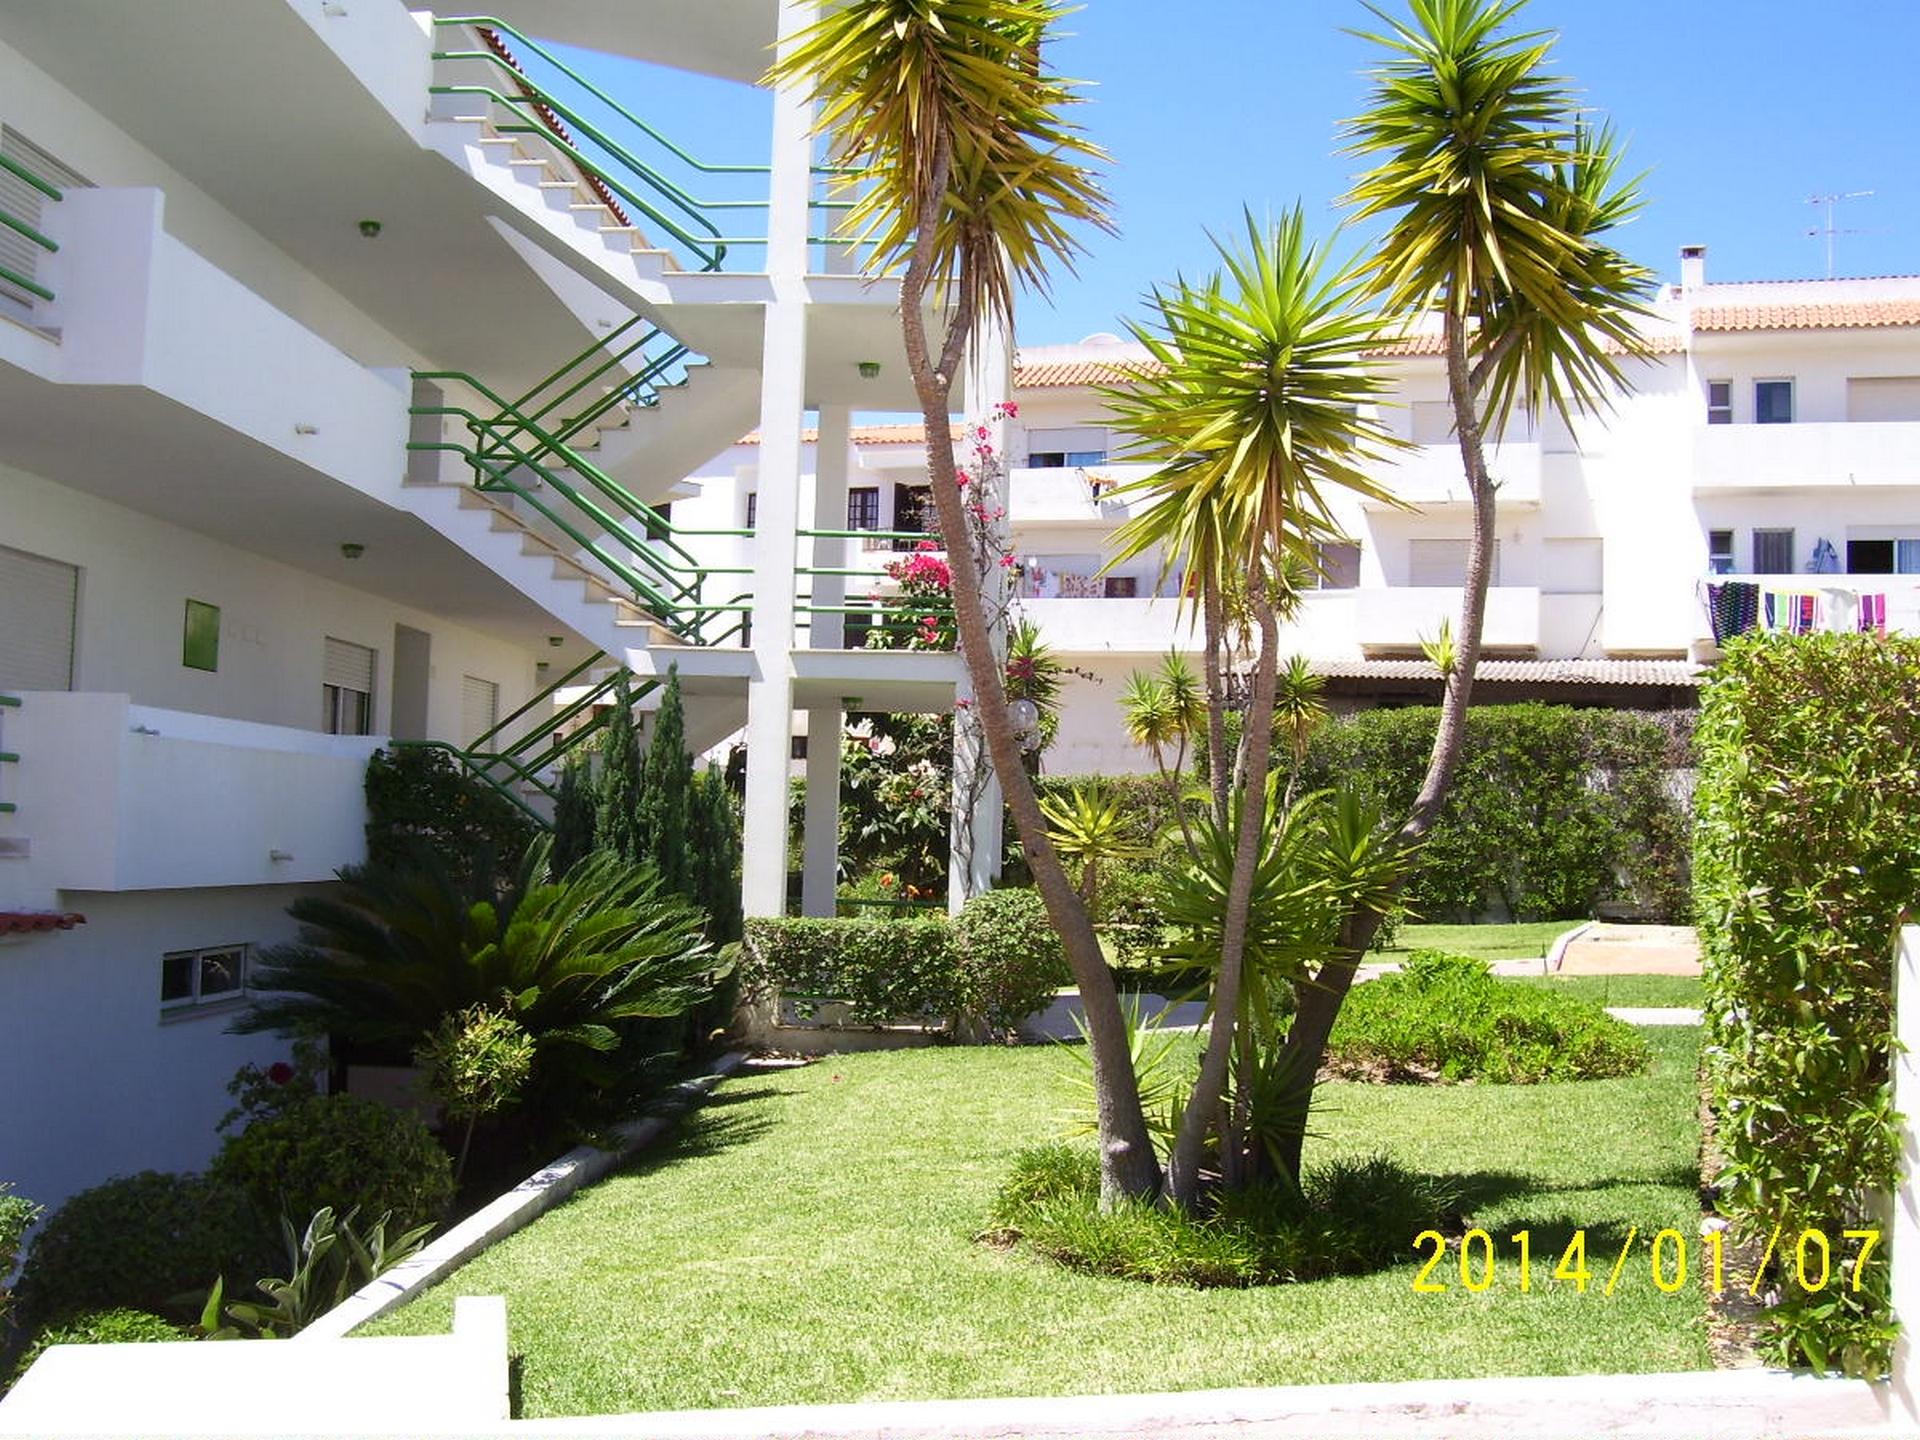 Holiday apartments and villas for rent, Apartamento 4 pessoas à beira mar com piscina Albufeira in Albufeira, Portugal Algarve, REF_IMG_15094_15100